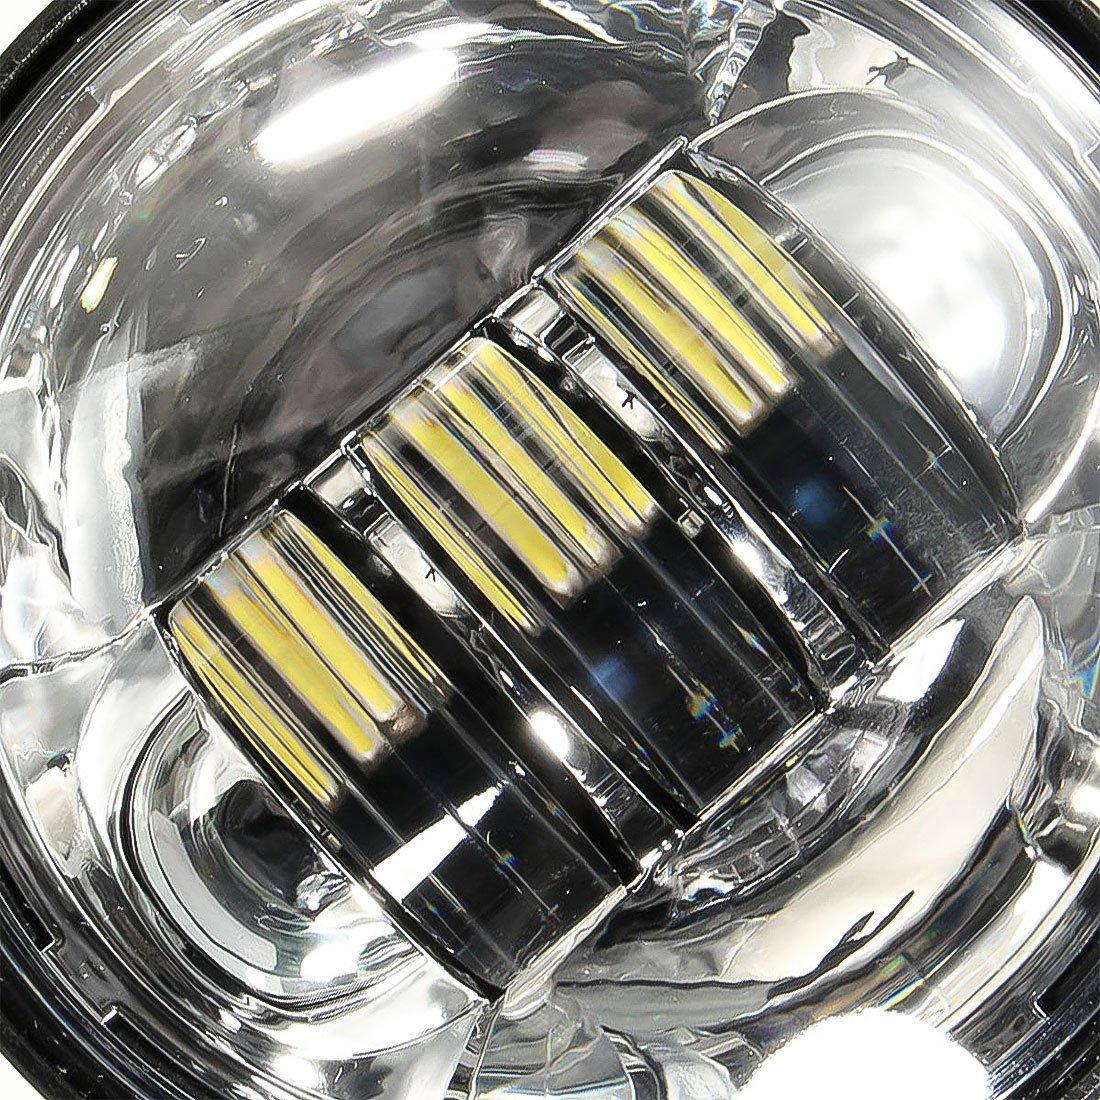 2pcs Argent 4,5 Pouces 11,4 cm 30 W CREE LED Lumi/ère de Brouillard pour Moto Kit de Travail Conduite Lampe pour Harley SUPAREE Feux de Anti brouillard pour Harley